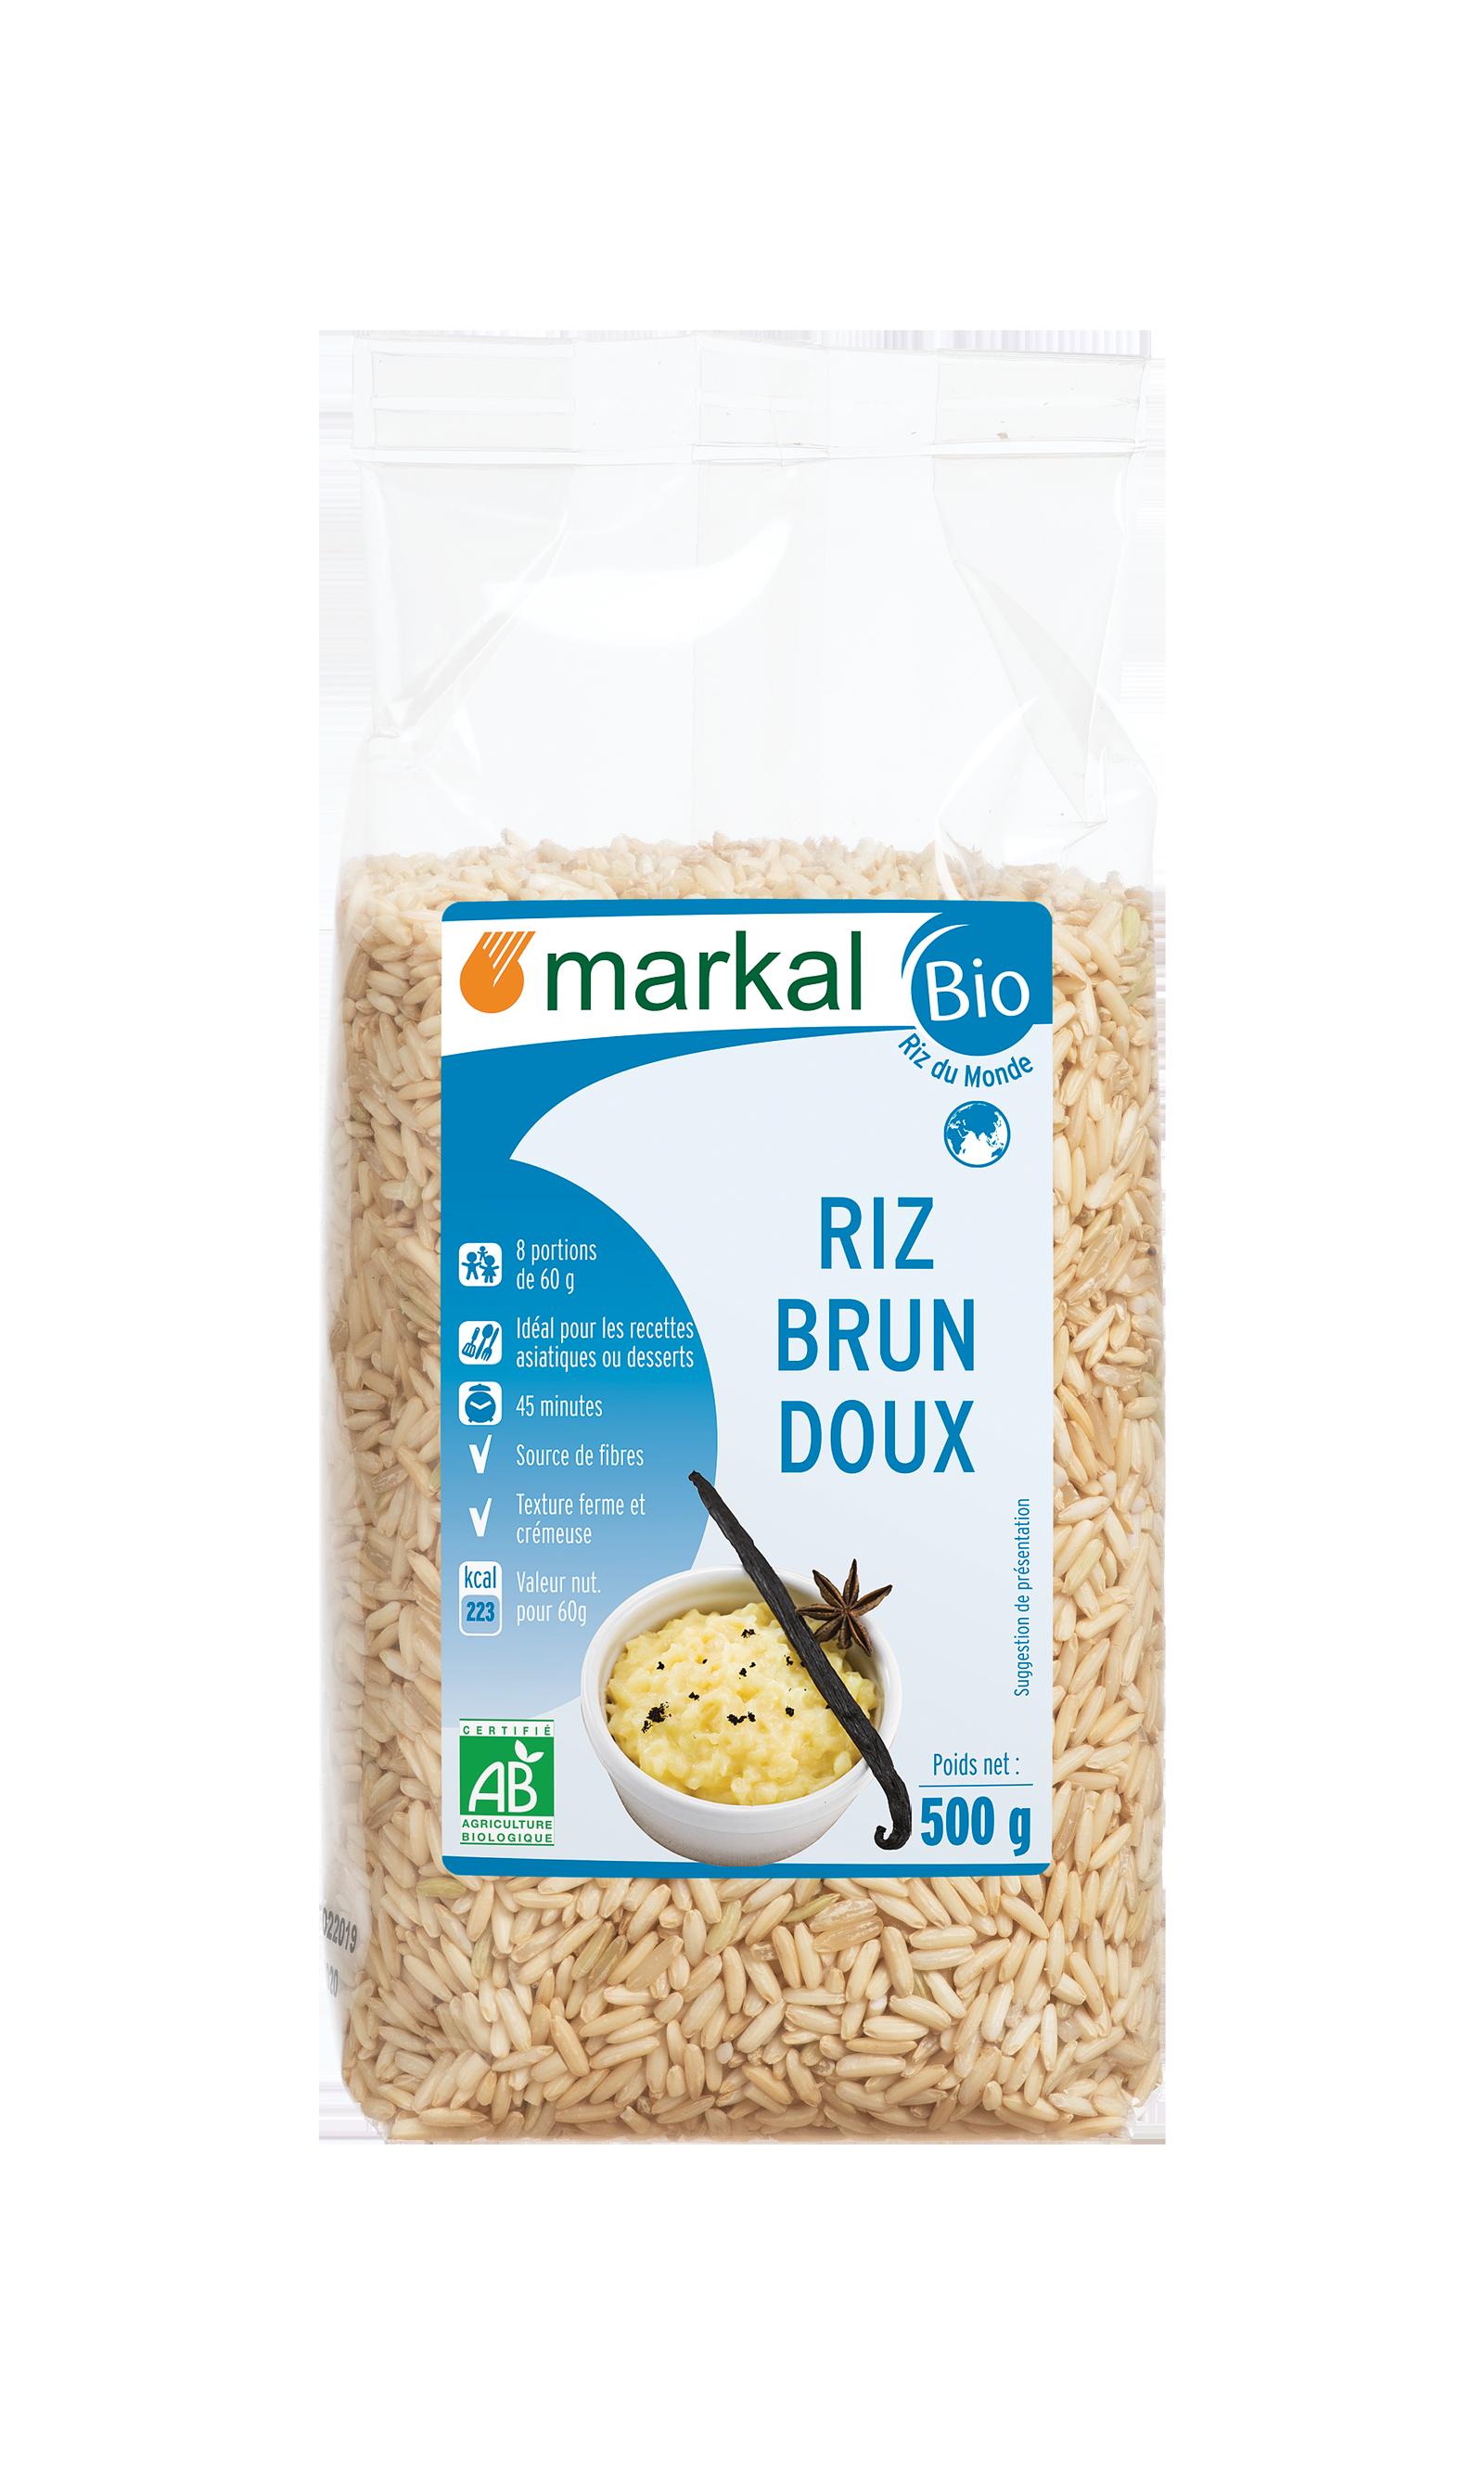 Riz brun doux - glutineux